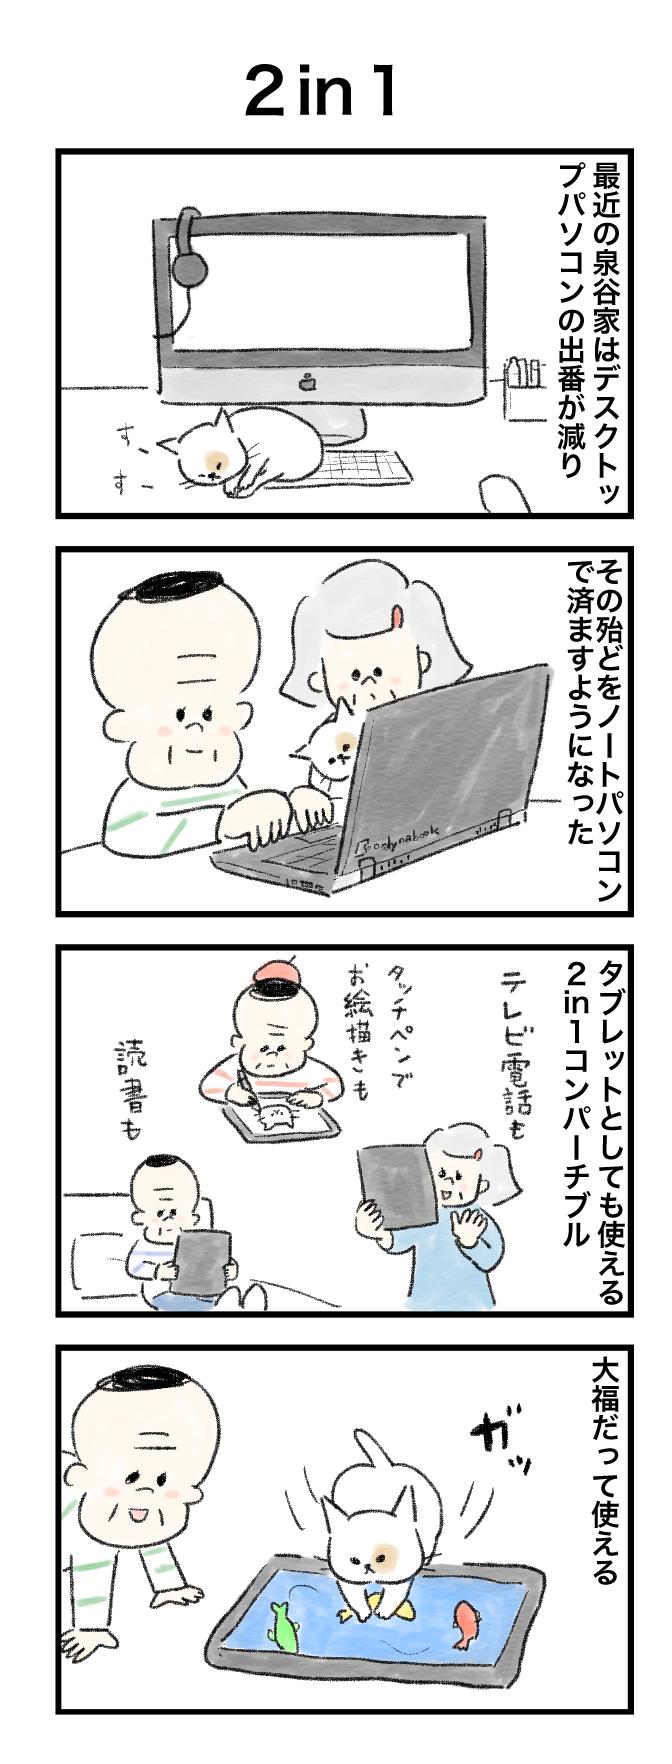 今日の泉谷さん【26】 作:カワサキヒロシ(ごとお日漫画)